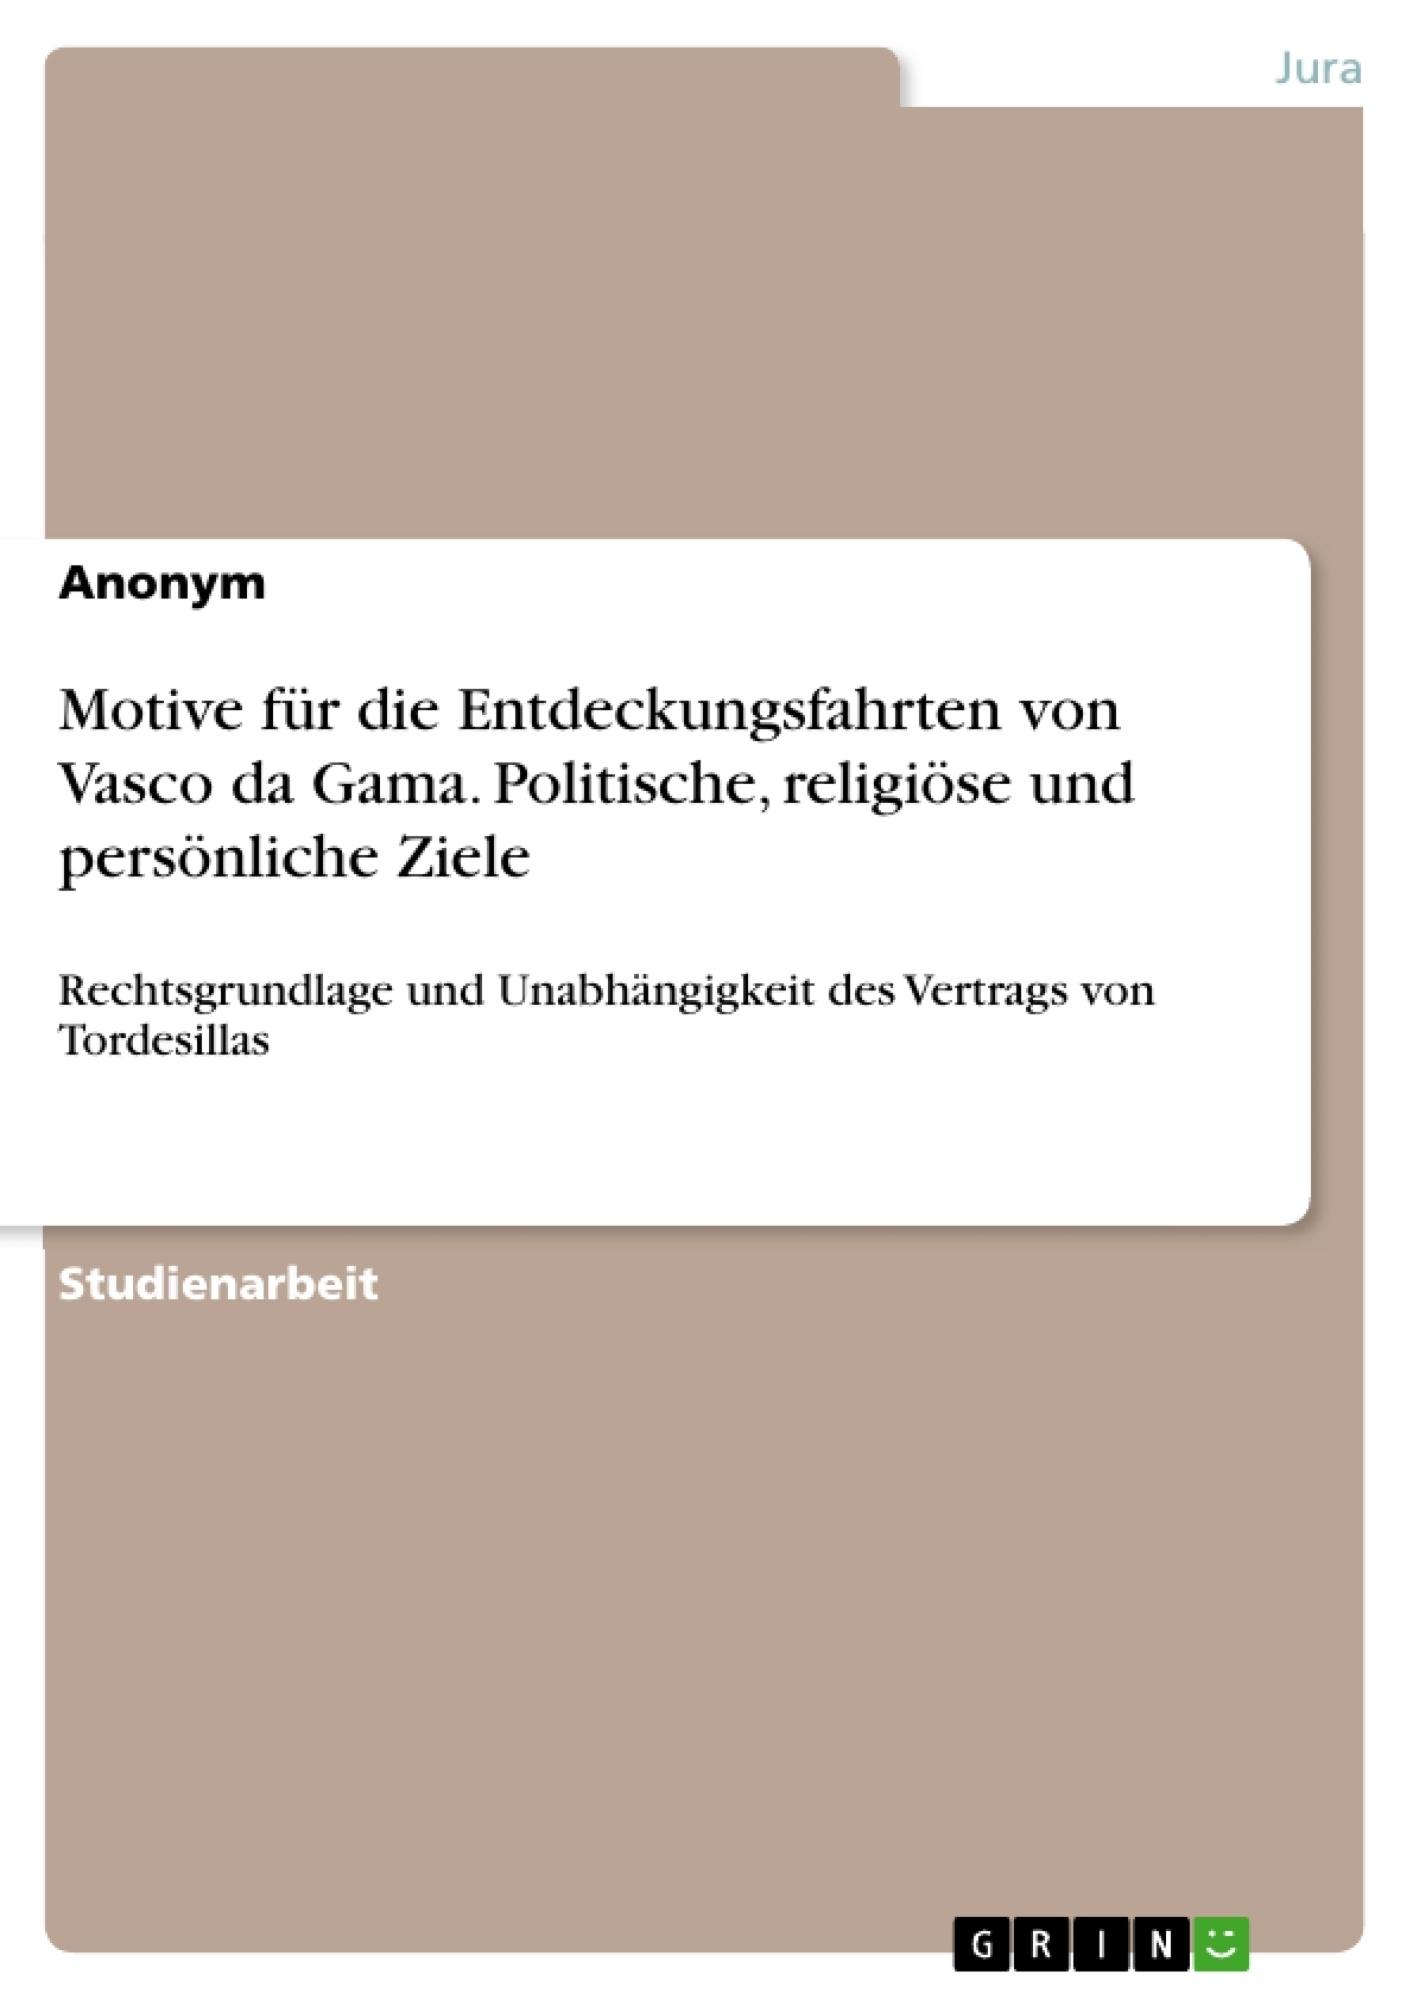 Titel: Motive für die Entdeckungsfahrten von Vasco da Gama. Politische, religiöse und persönliche Ziele